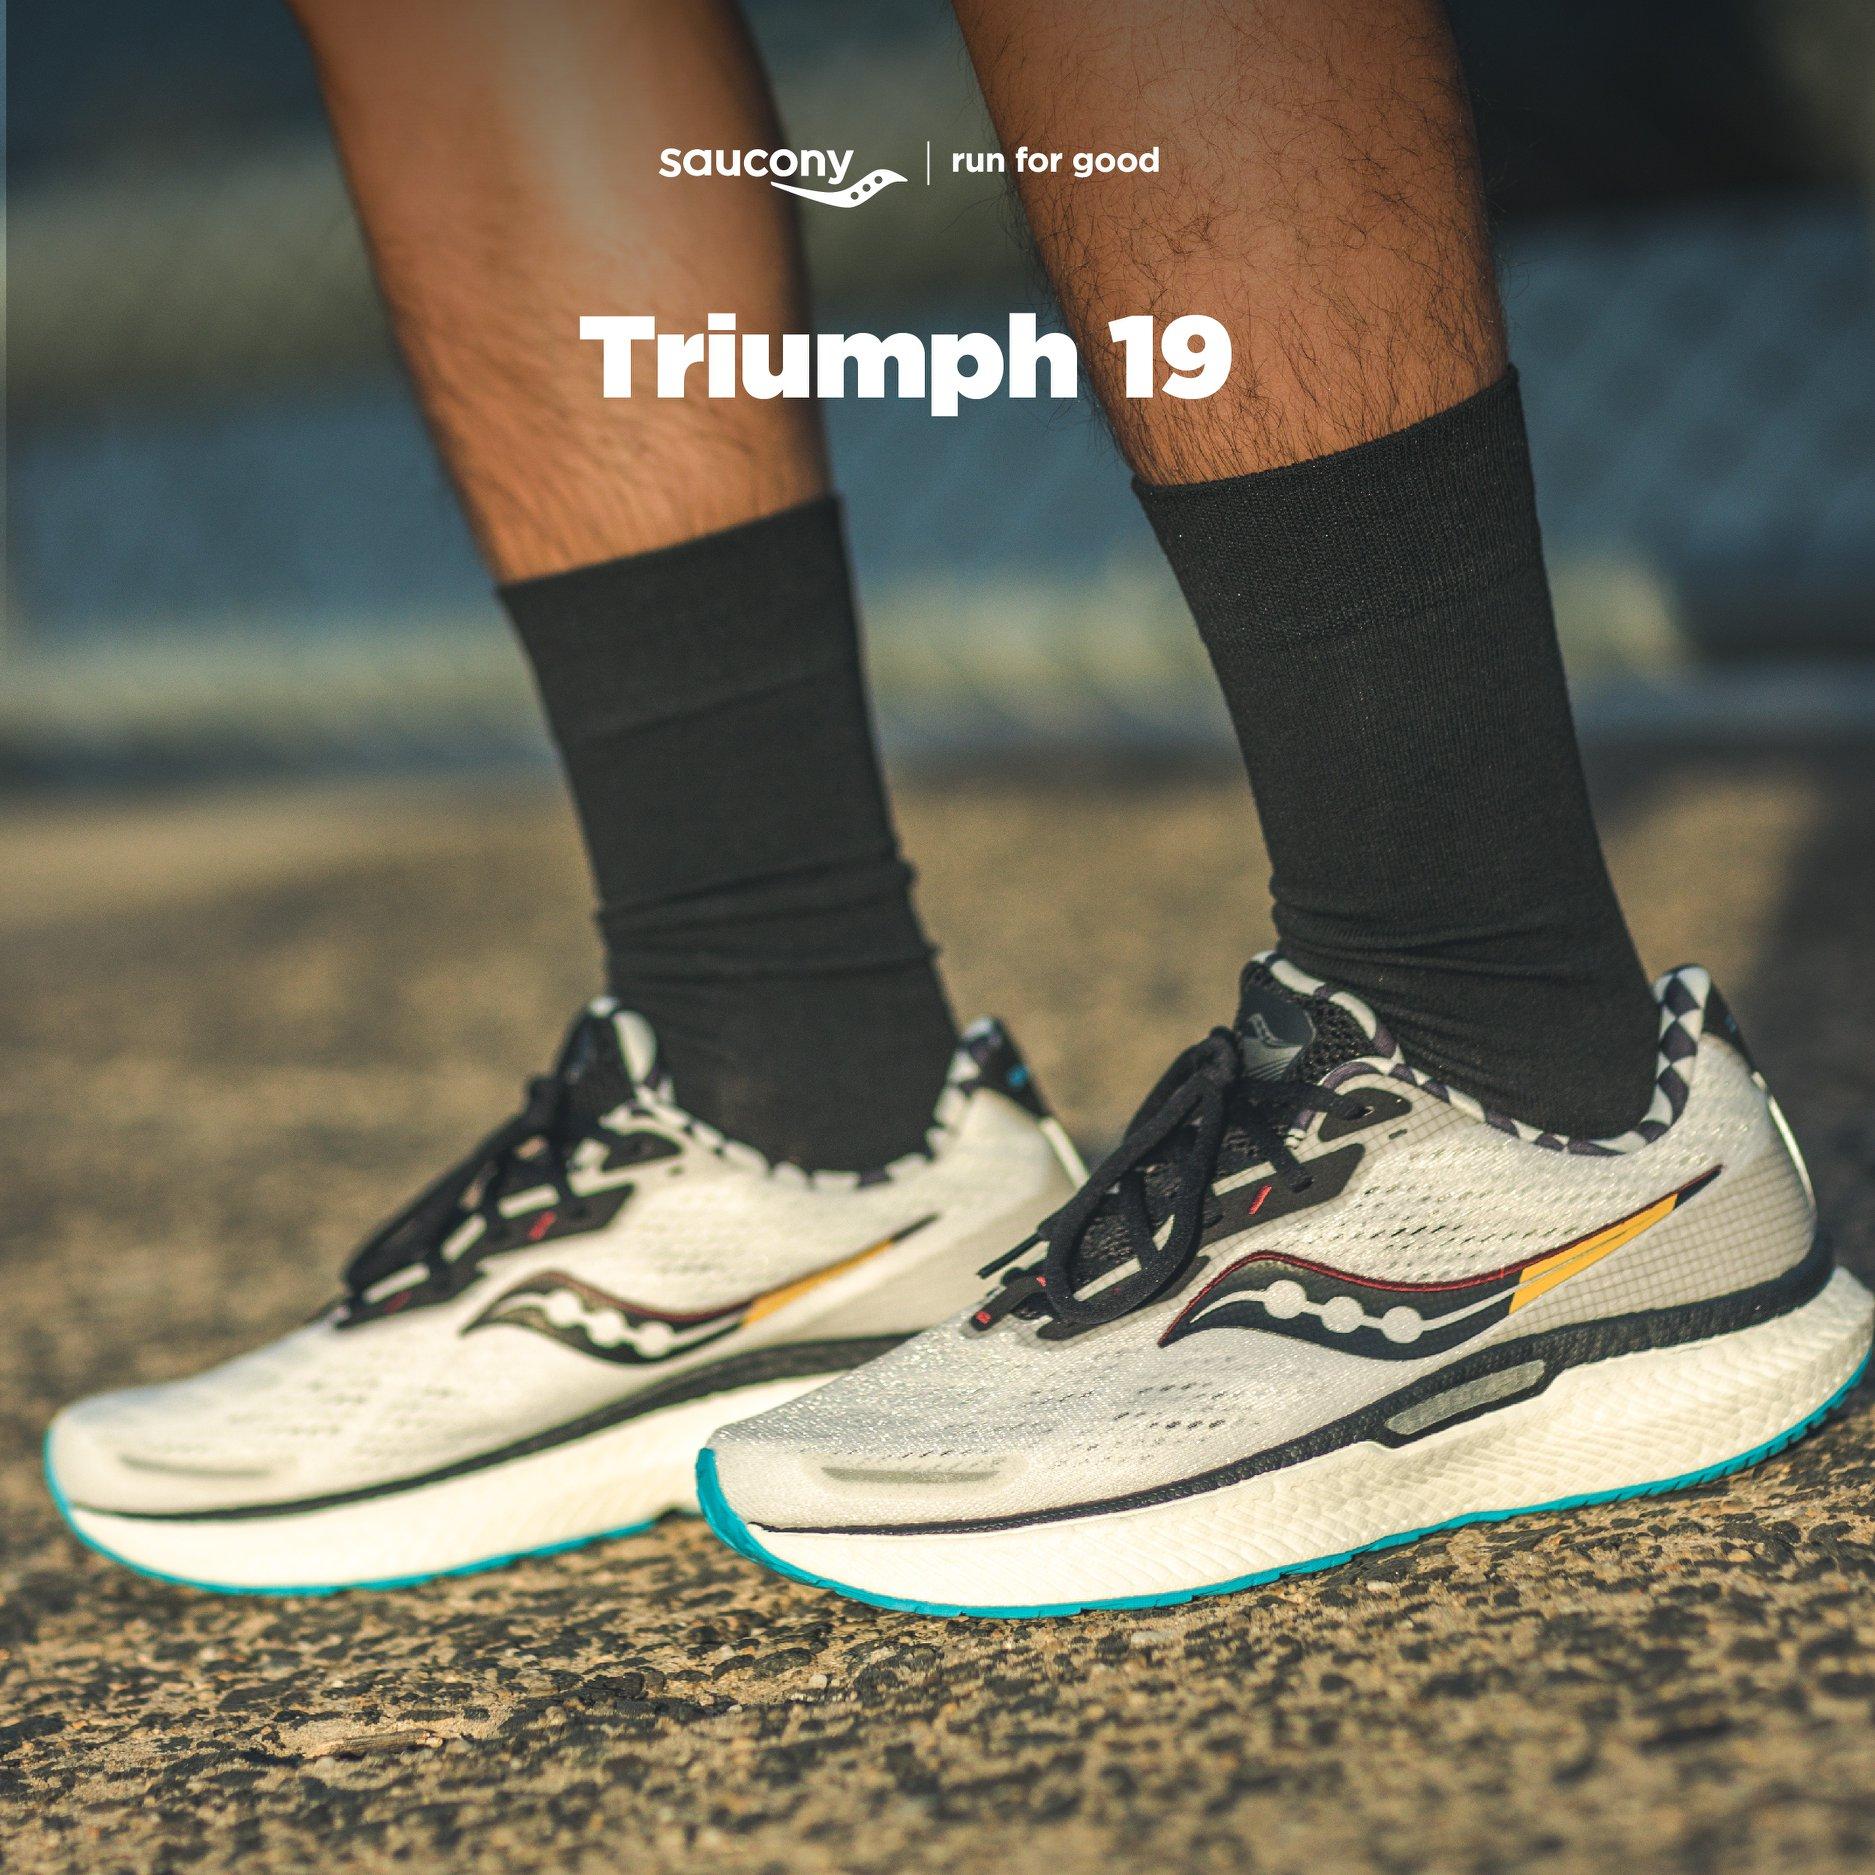 Saucony Triumph 19